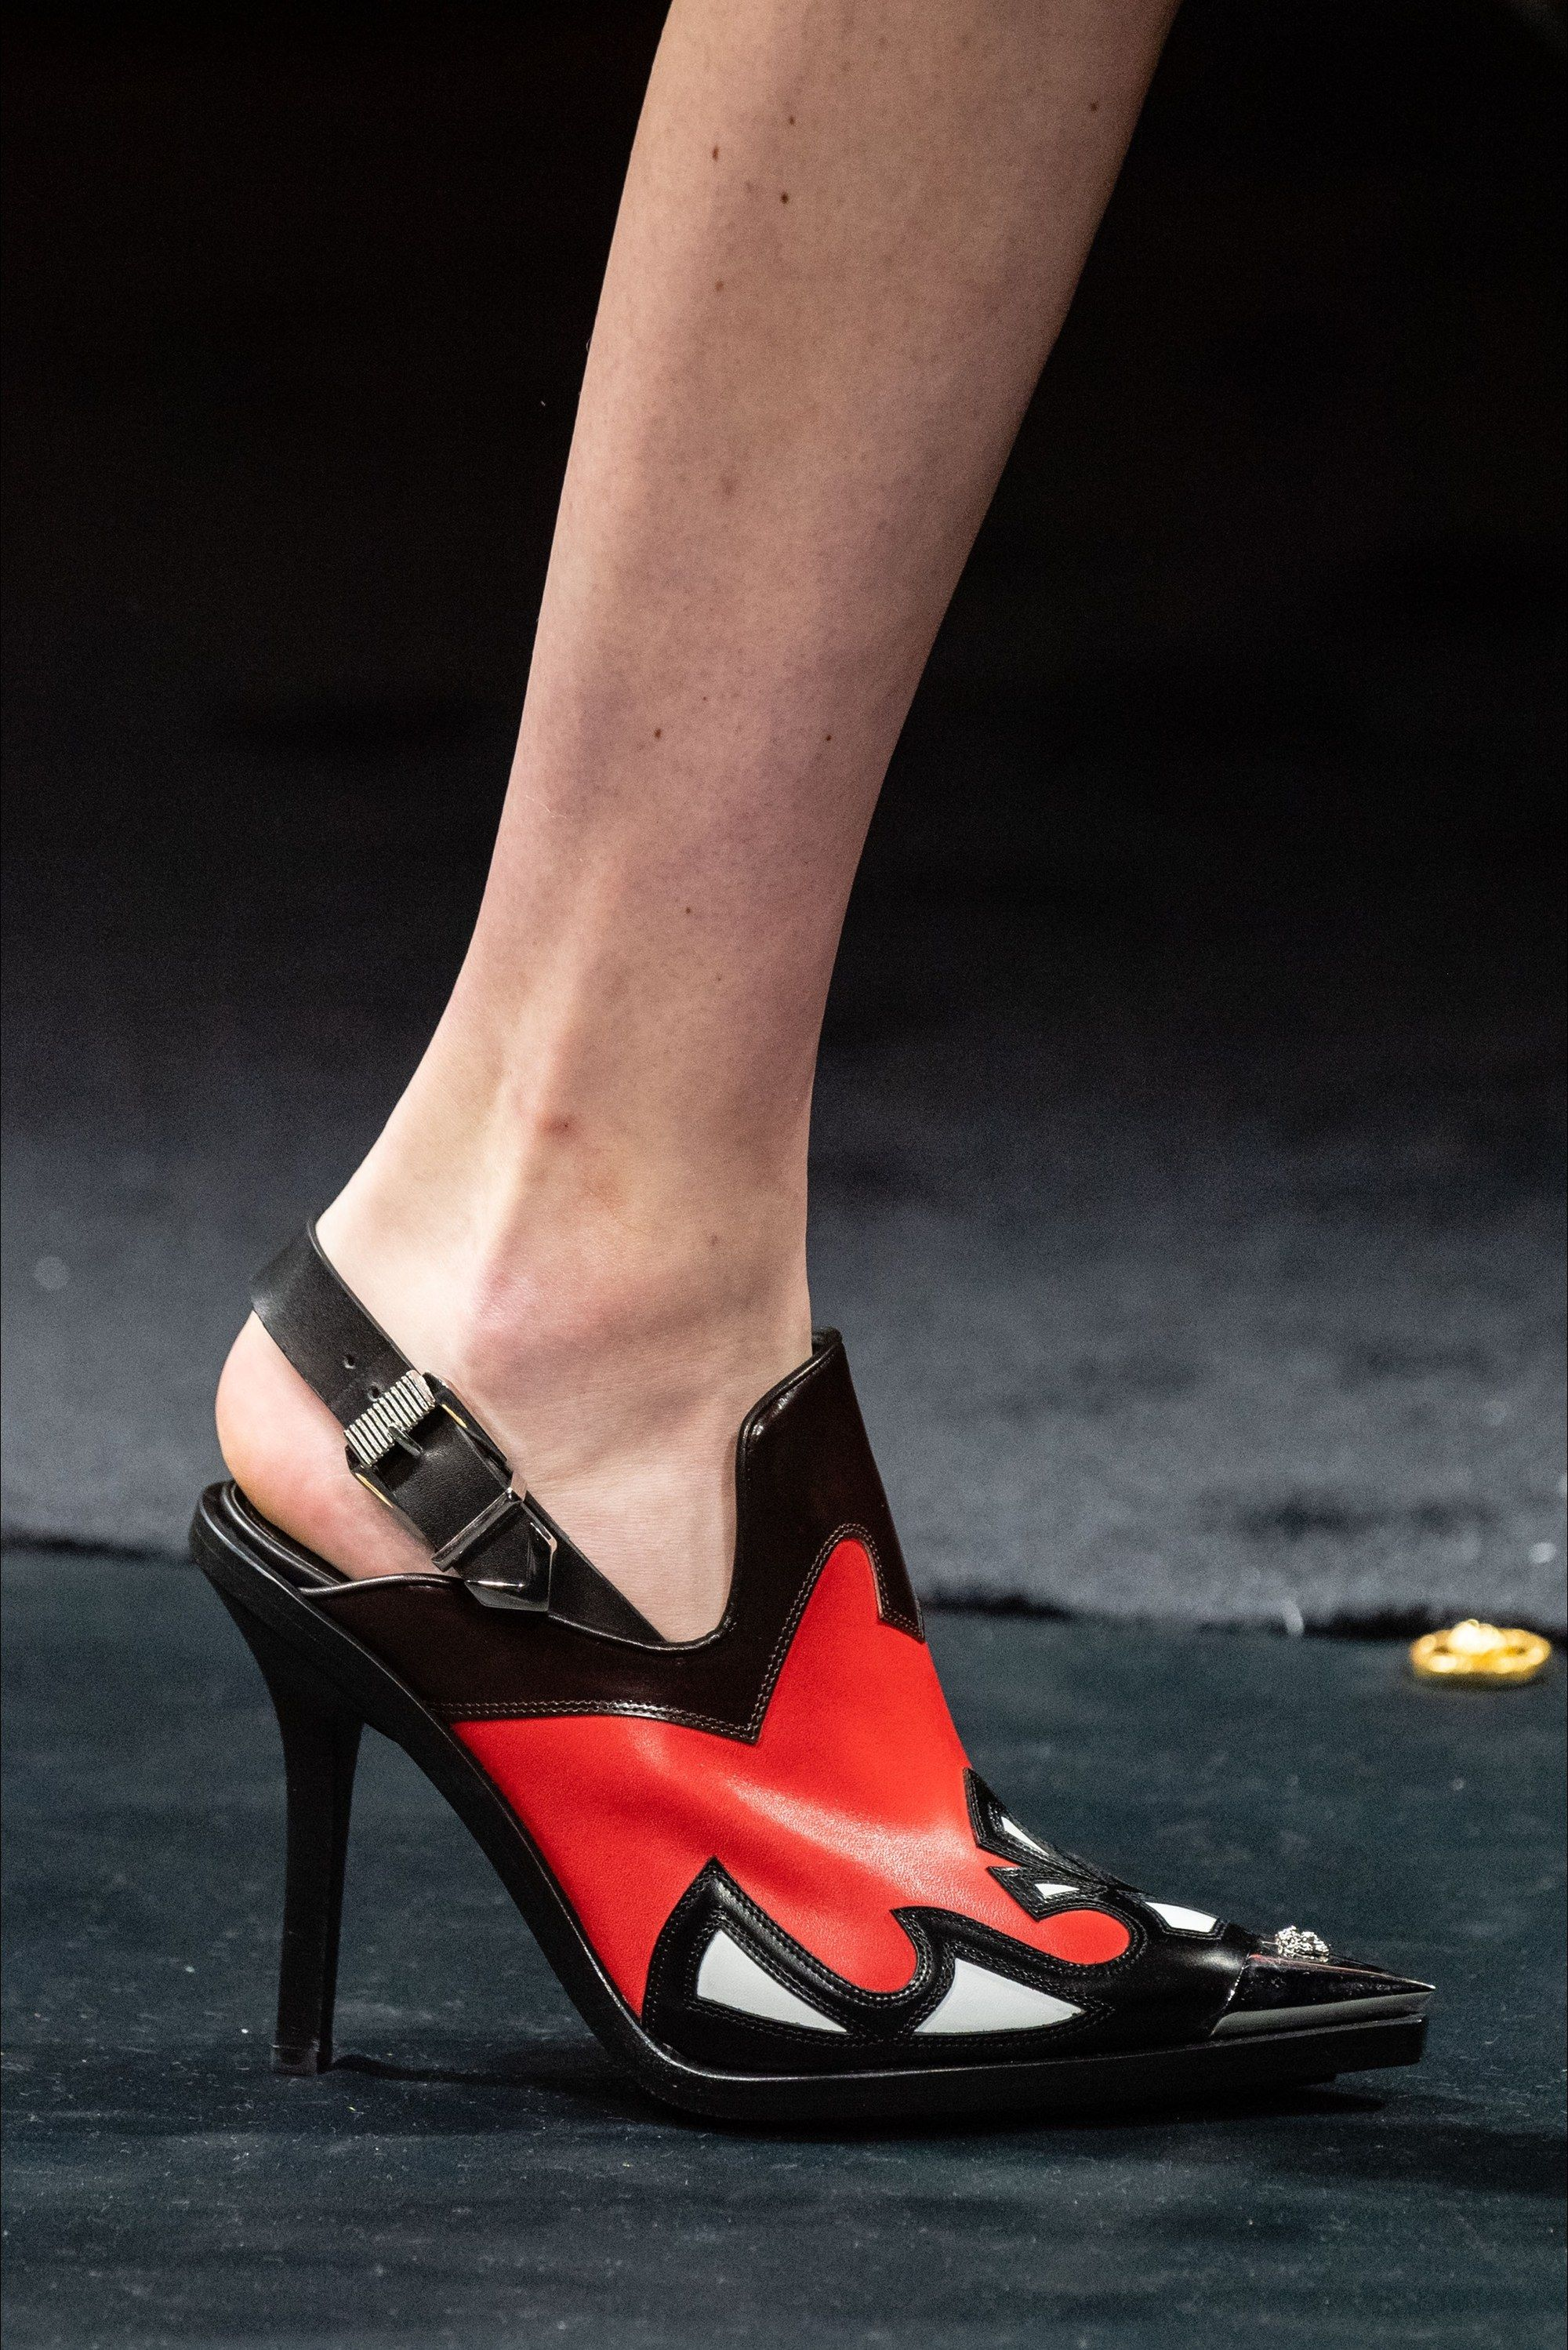 Scarpe moda Autunno Inverno 2019 2020: i modelli must have ...